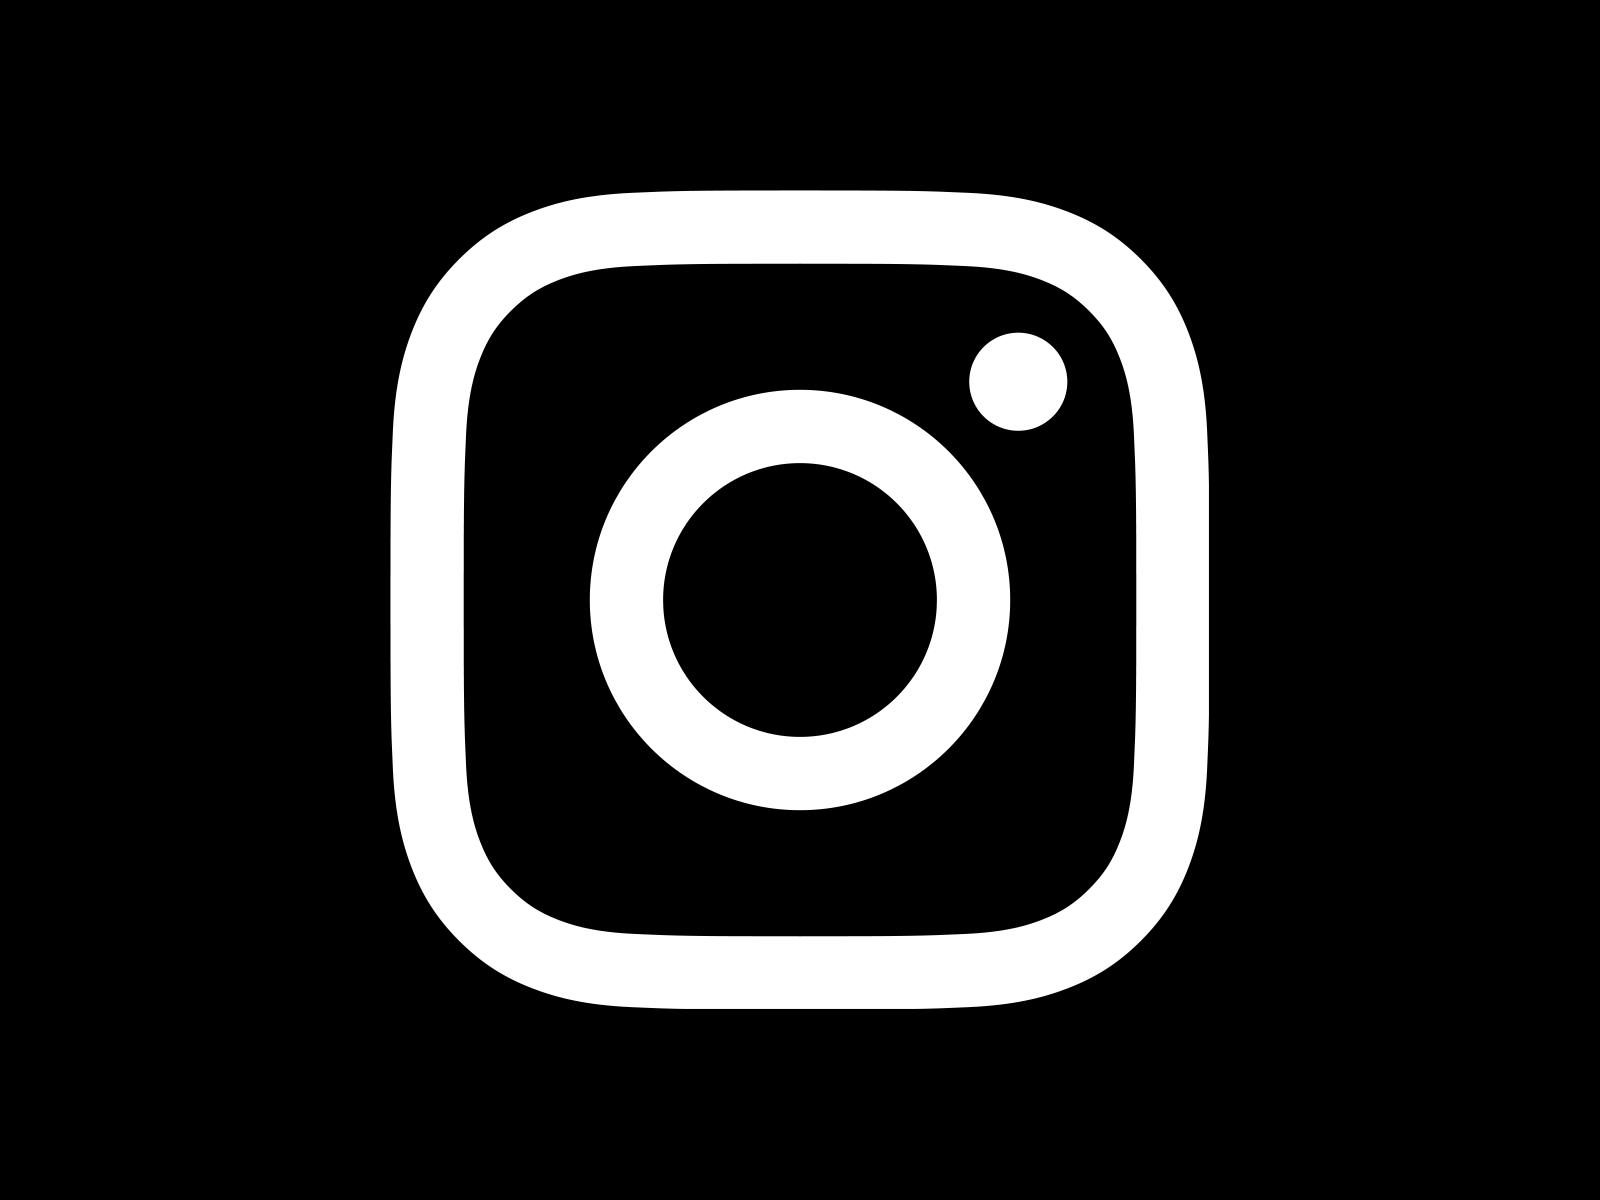 Logo ig PNG, Logo instagram Icon Free DOWNLOAD - Free Transparent PNG Logos